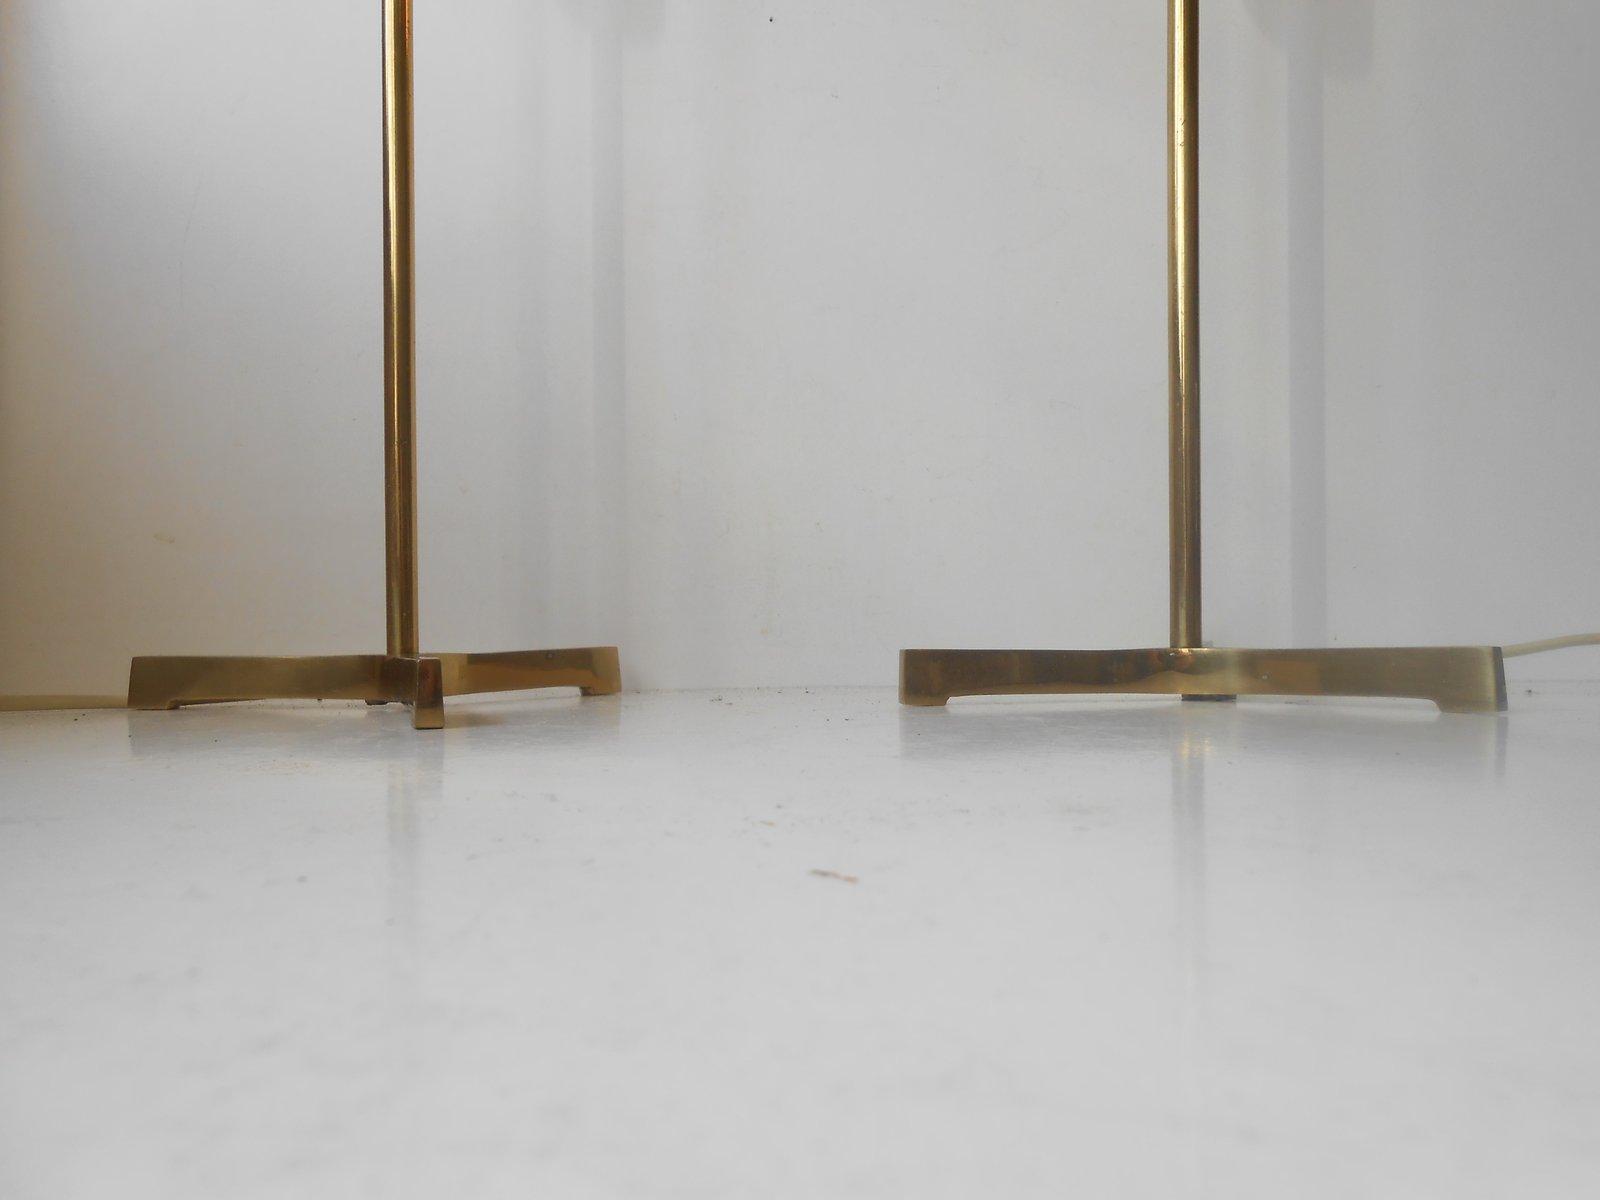 https://cdn20.pamono.com/p/z/1/3/135602_stllnisho9/lampade-da-tavolo-moderne-tripodi-in-ottone-con-lampadine-xl-scandinavia-anni-60-set-di-2-immagine-4.jpg